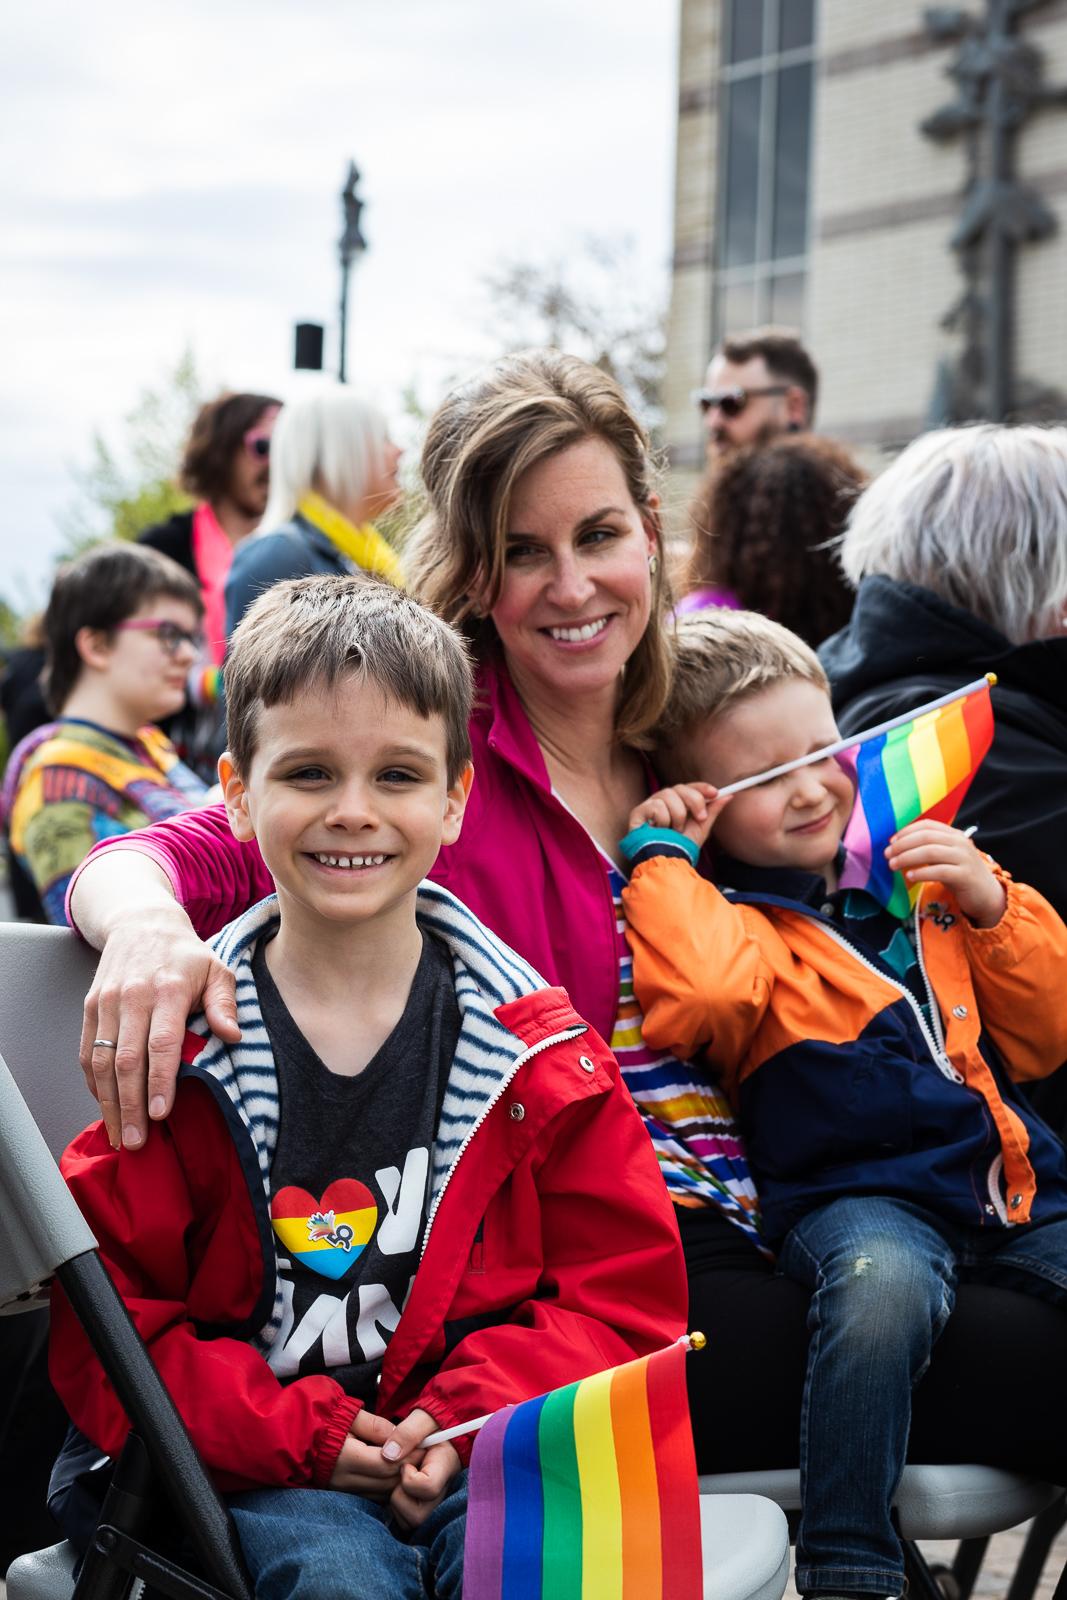 pride-2019-opening-ceremonies-blog-2.jpg